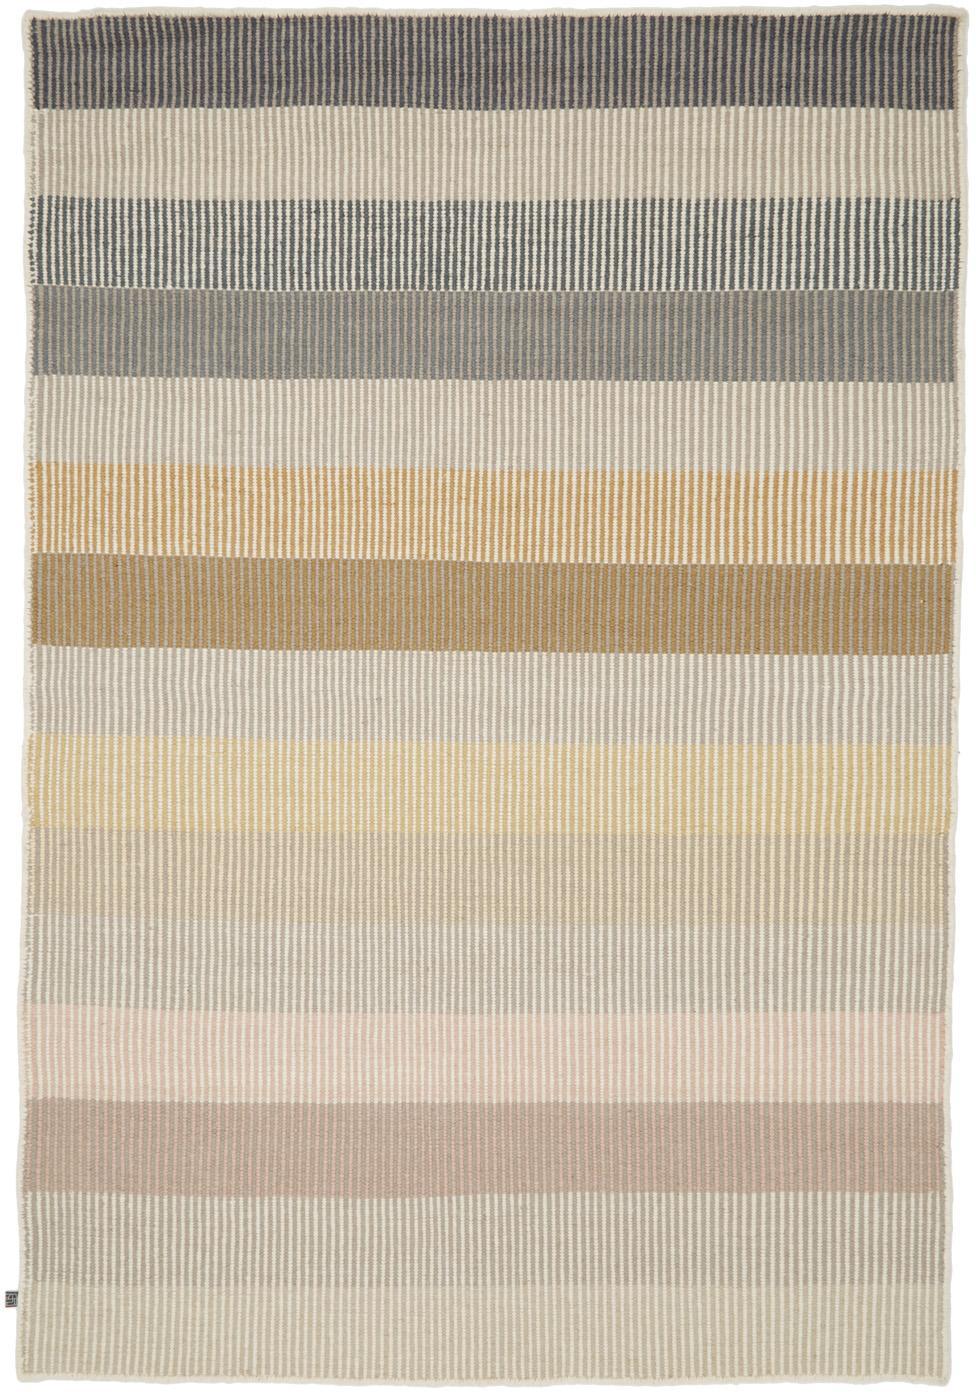 Gestreifter Kelimteppich Devise aus Wolle, handgewebt, Mehrfarbig, B 140 x L 200 cm (Größe S)